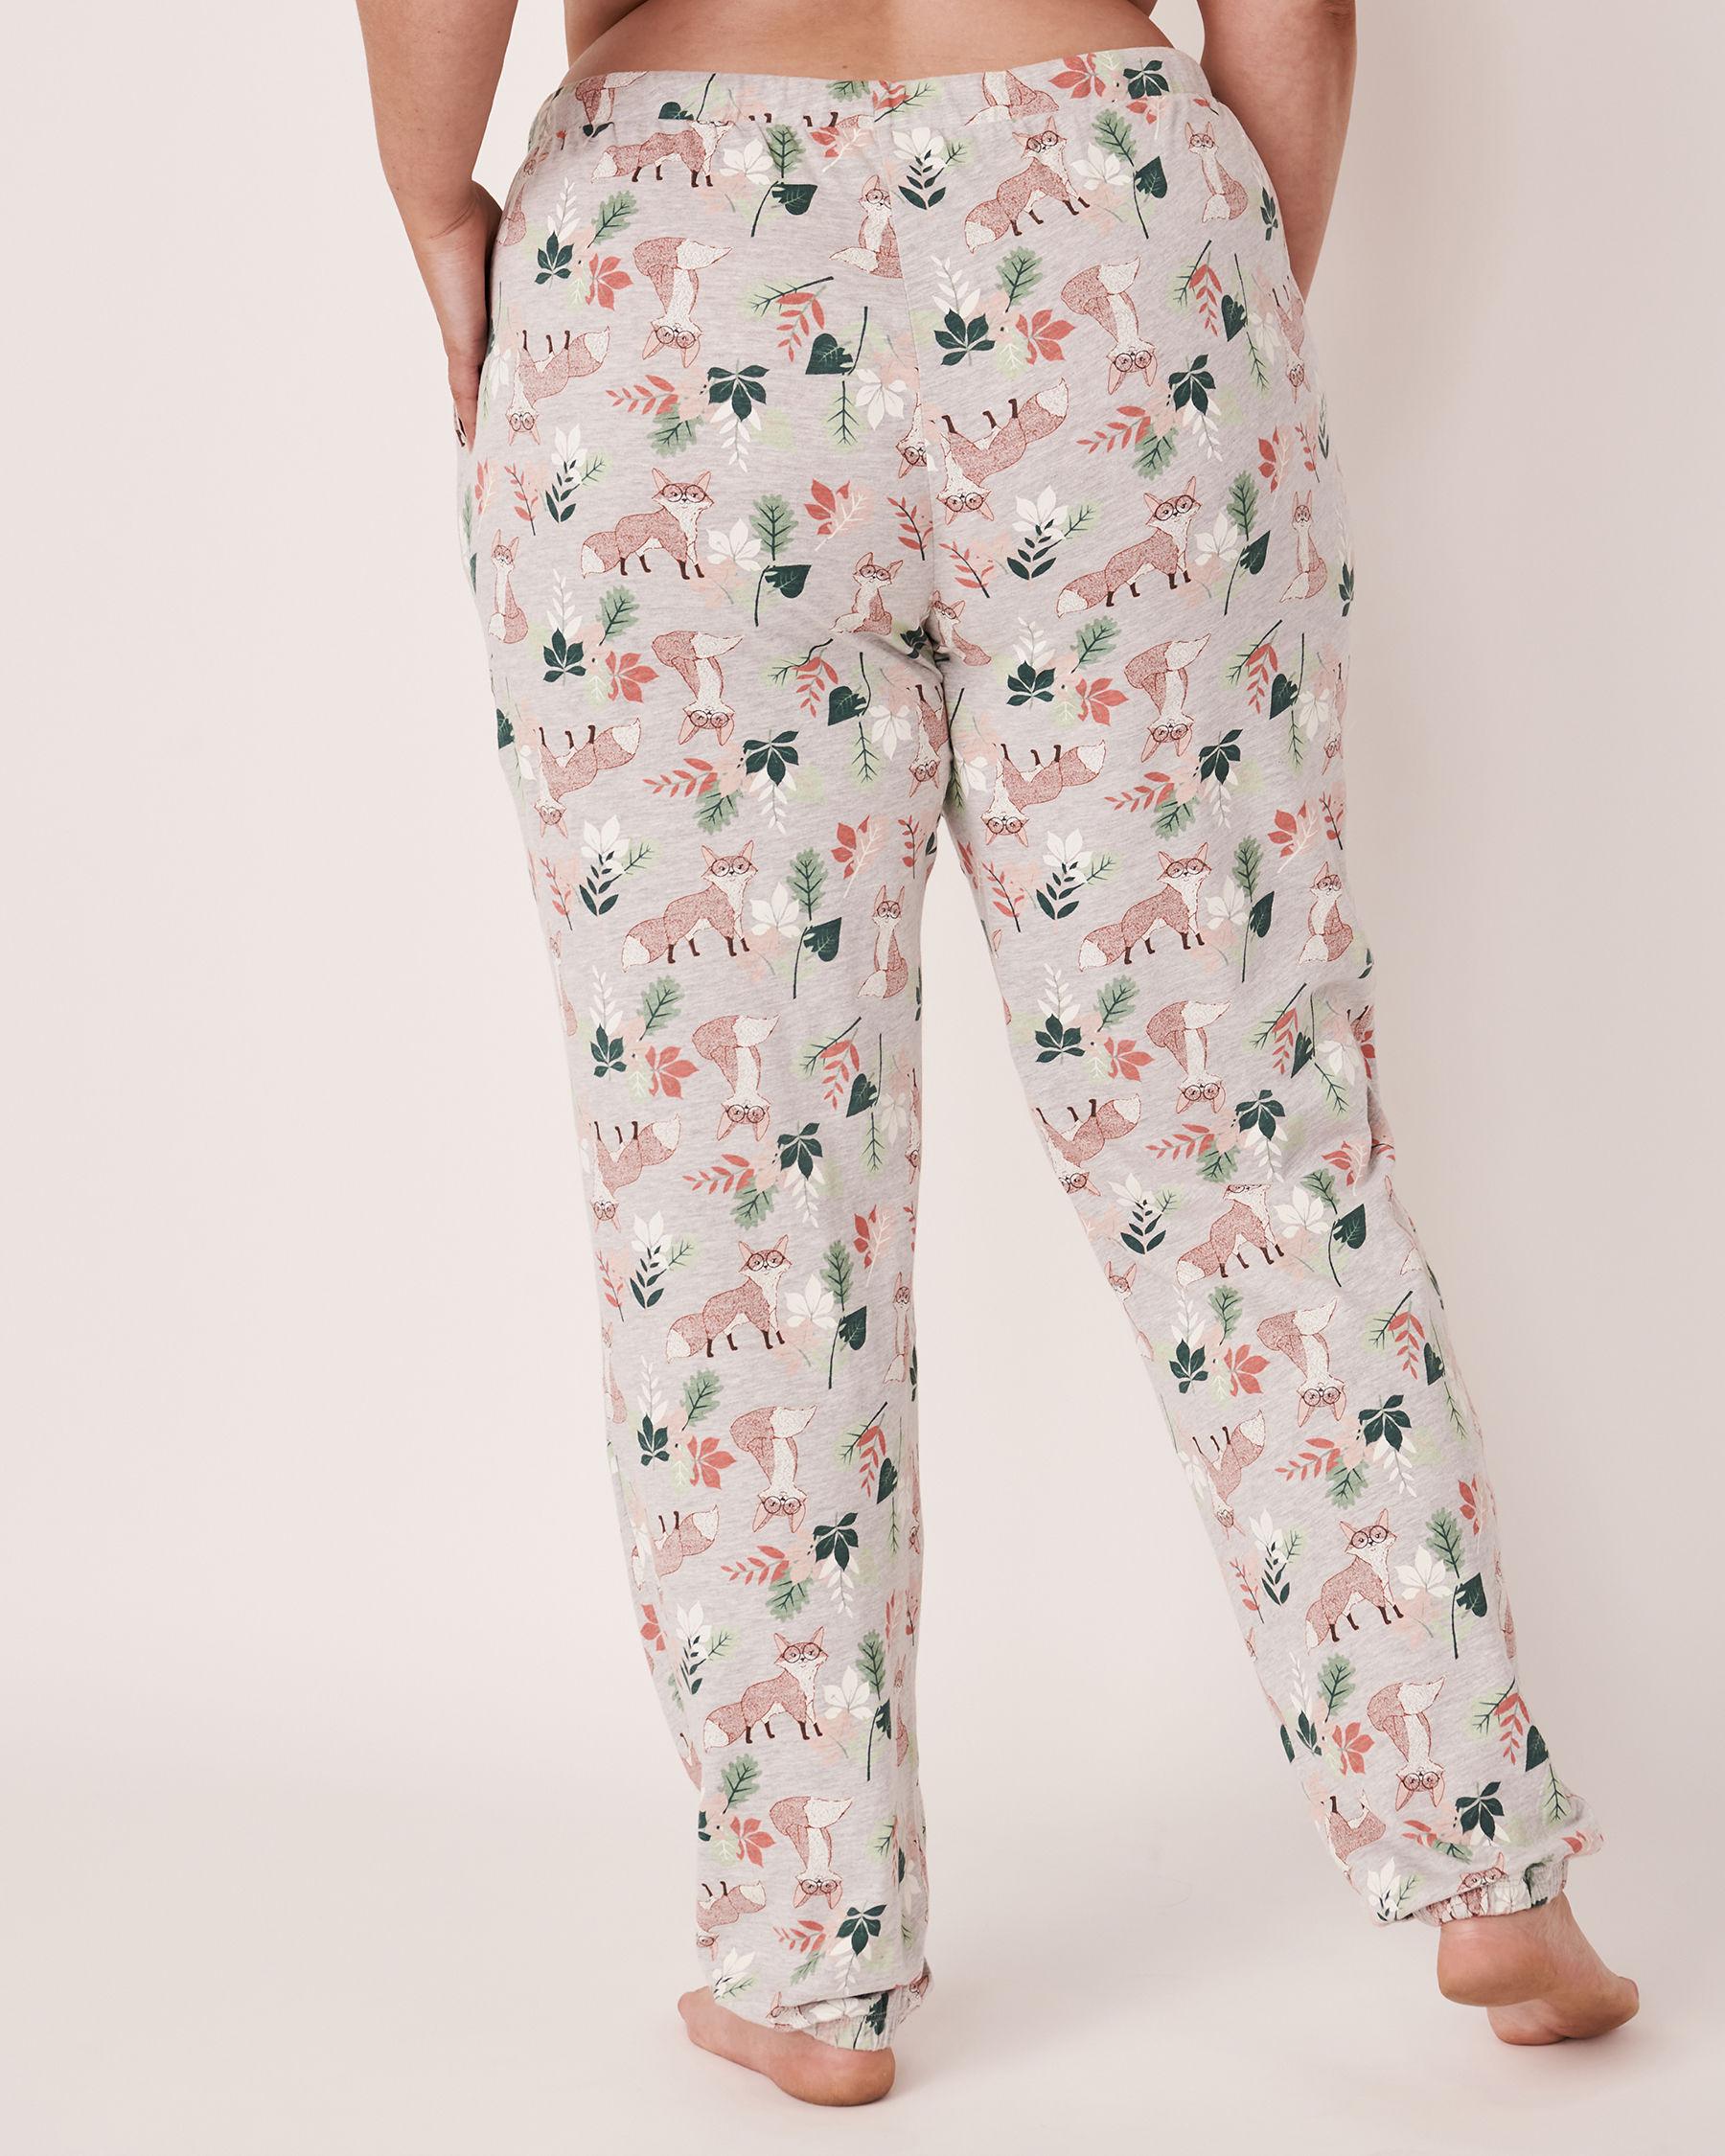 LA VIE EN ROSE Fitted Pyjama Pant Fox print 40200094 - View2